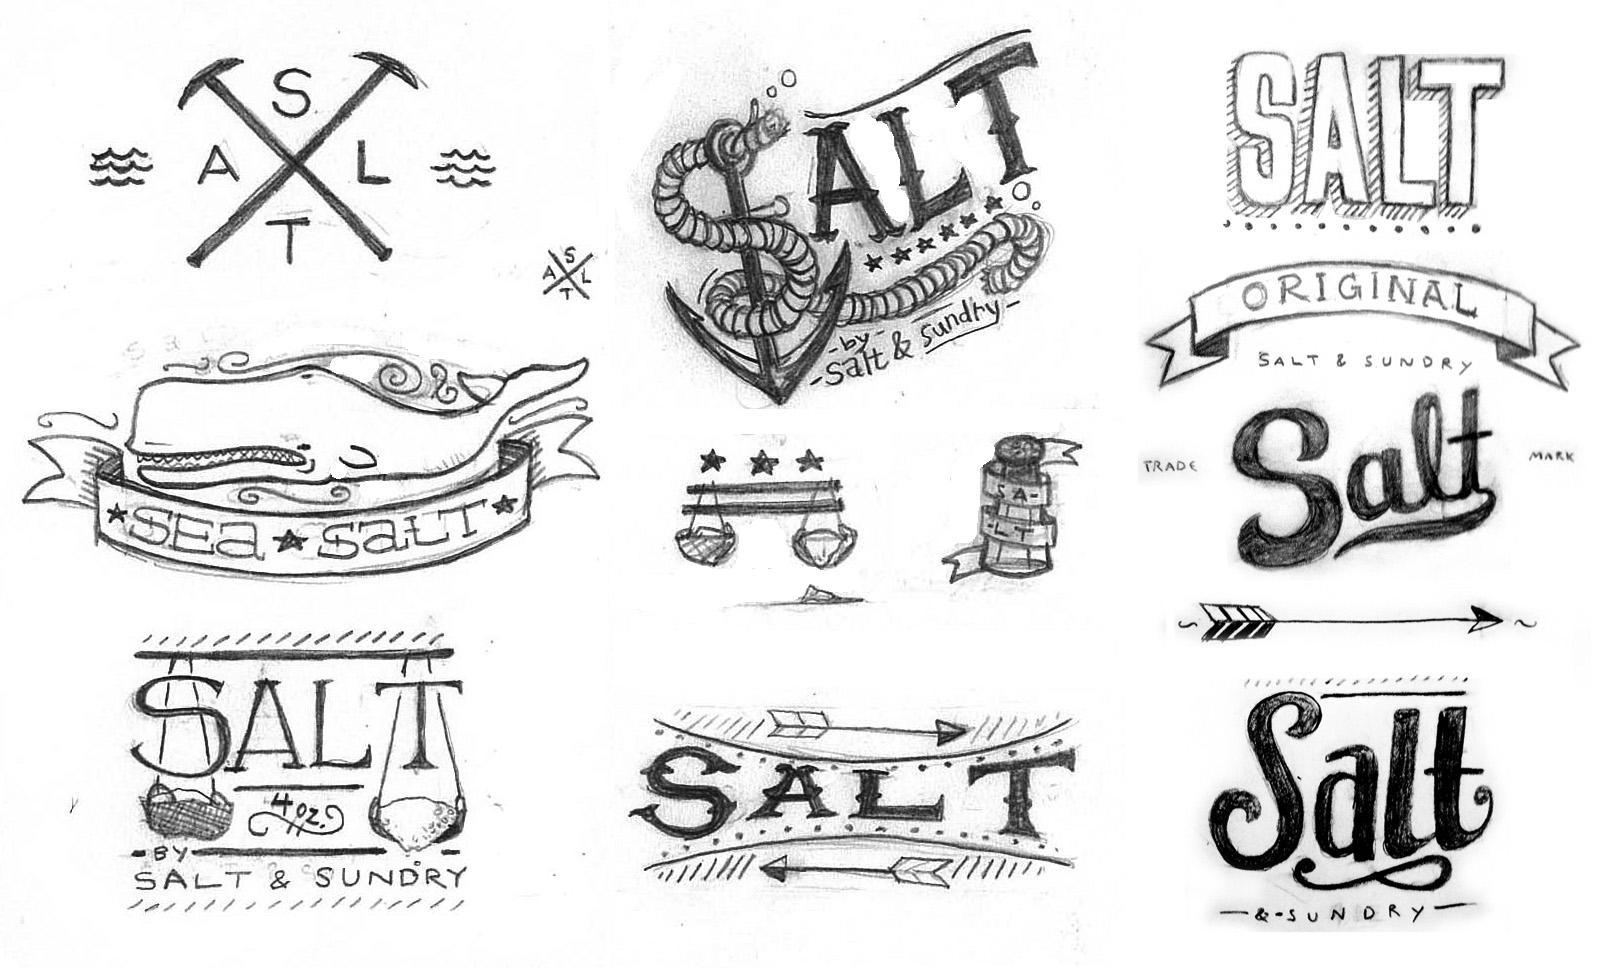 Salt Label - image 7 - student project